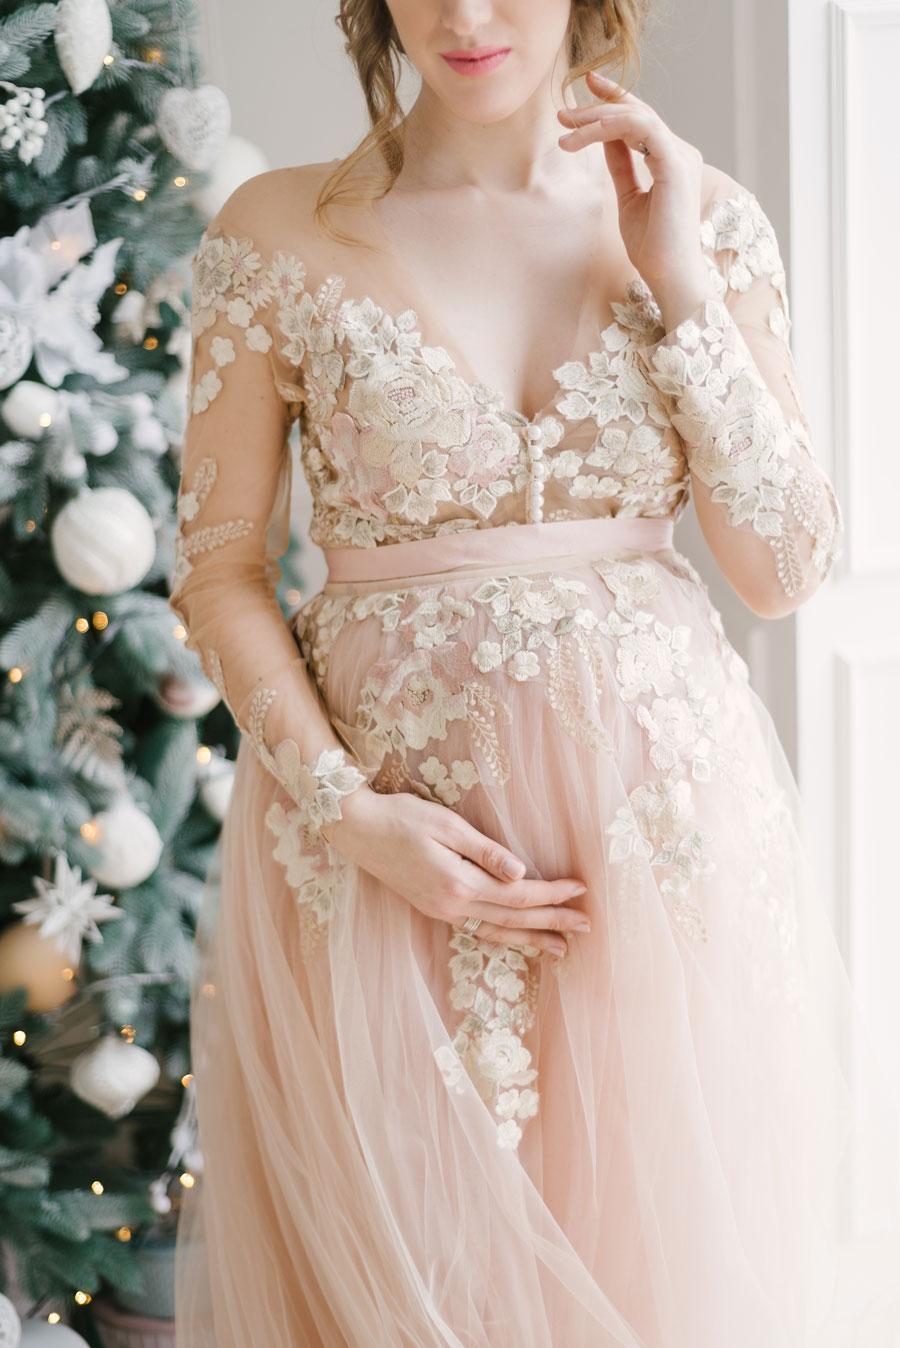 sposa incinta abito romantico